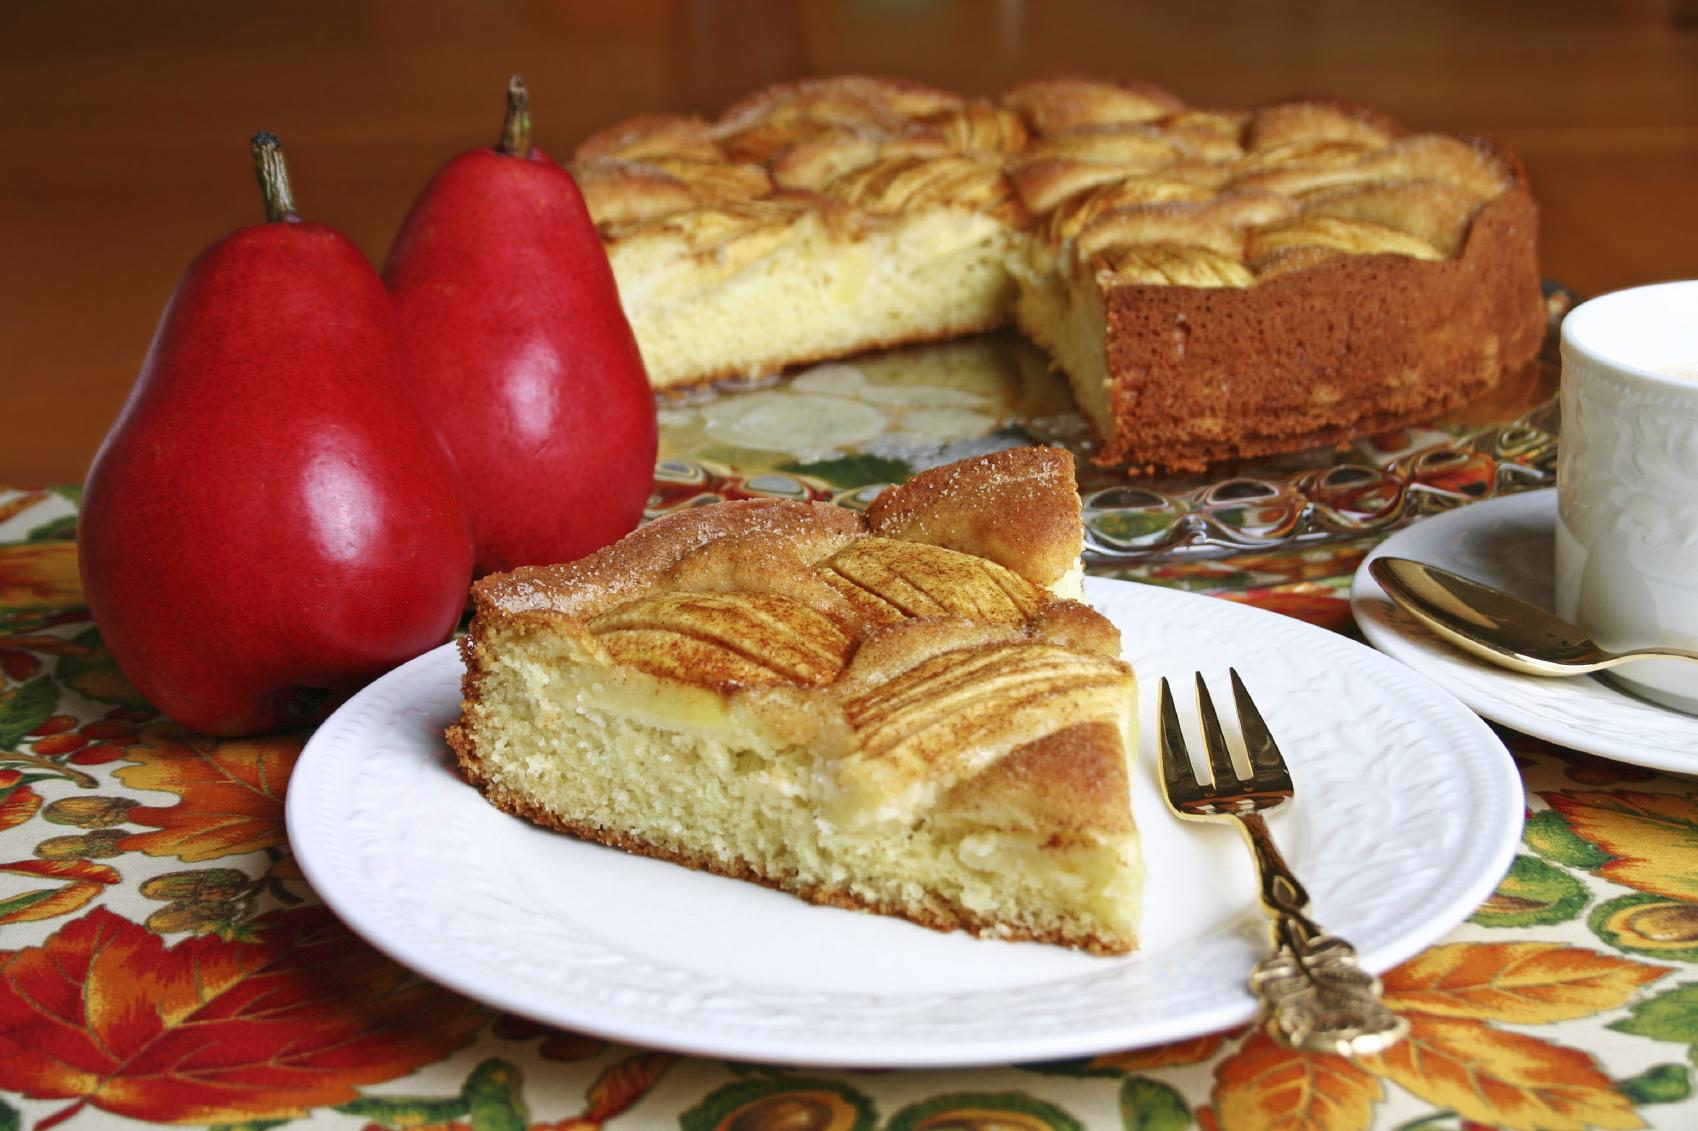 Pastelito sencillo de manzana